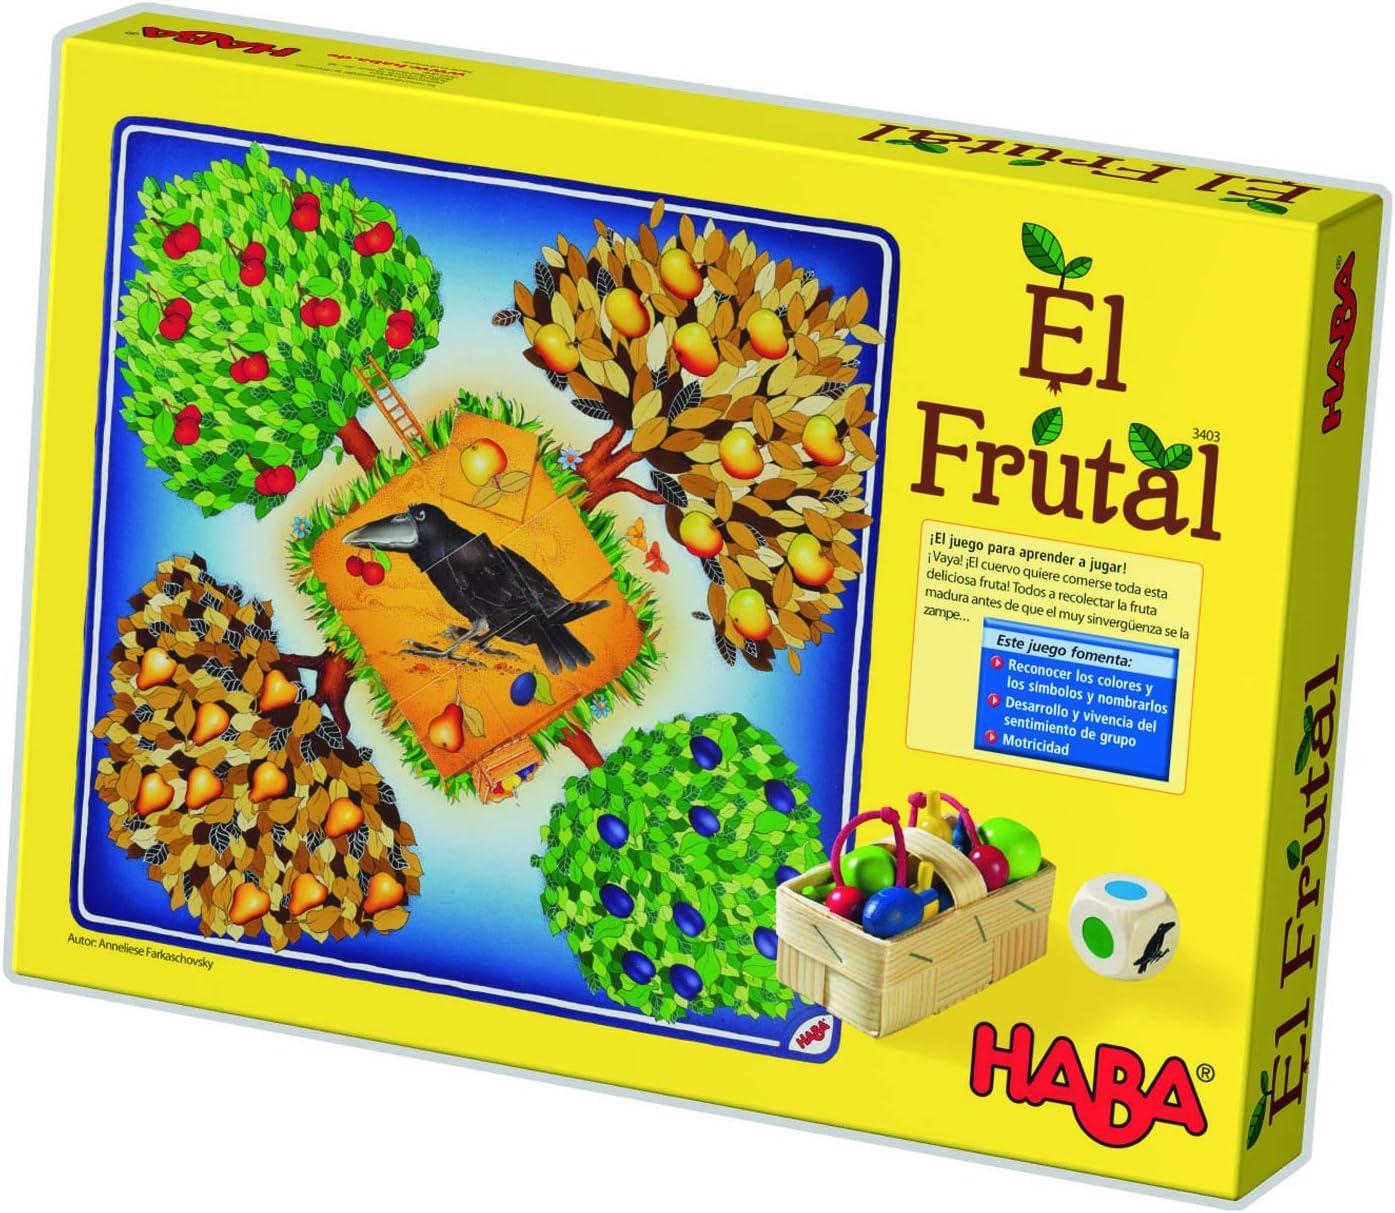 HABA-El El Frutal (HA3403): Amazon.es: Juguetes y juegos